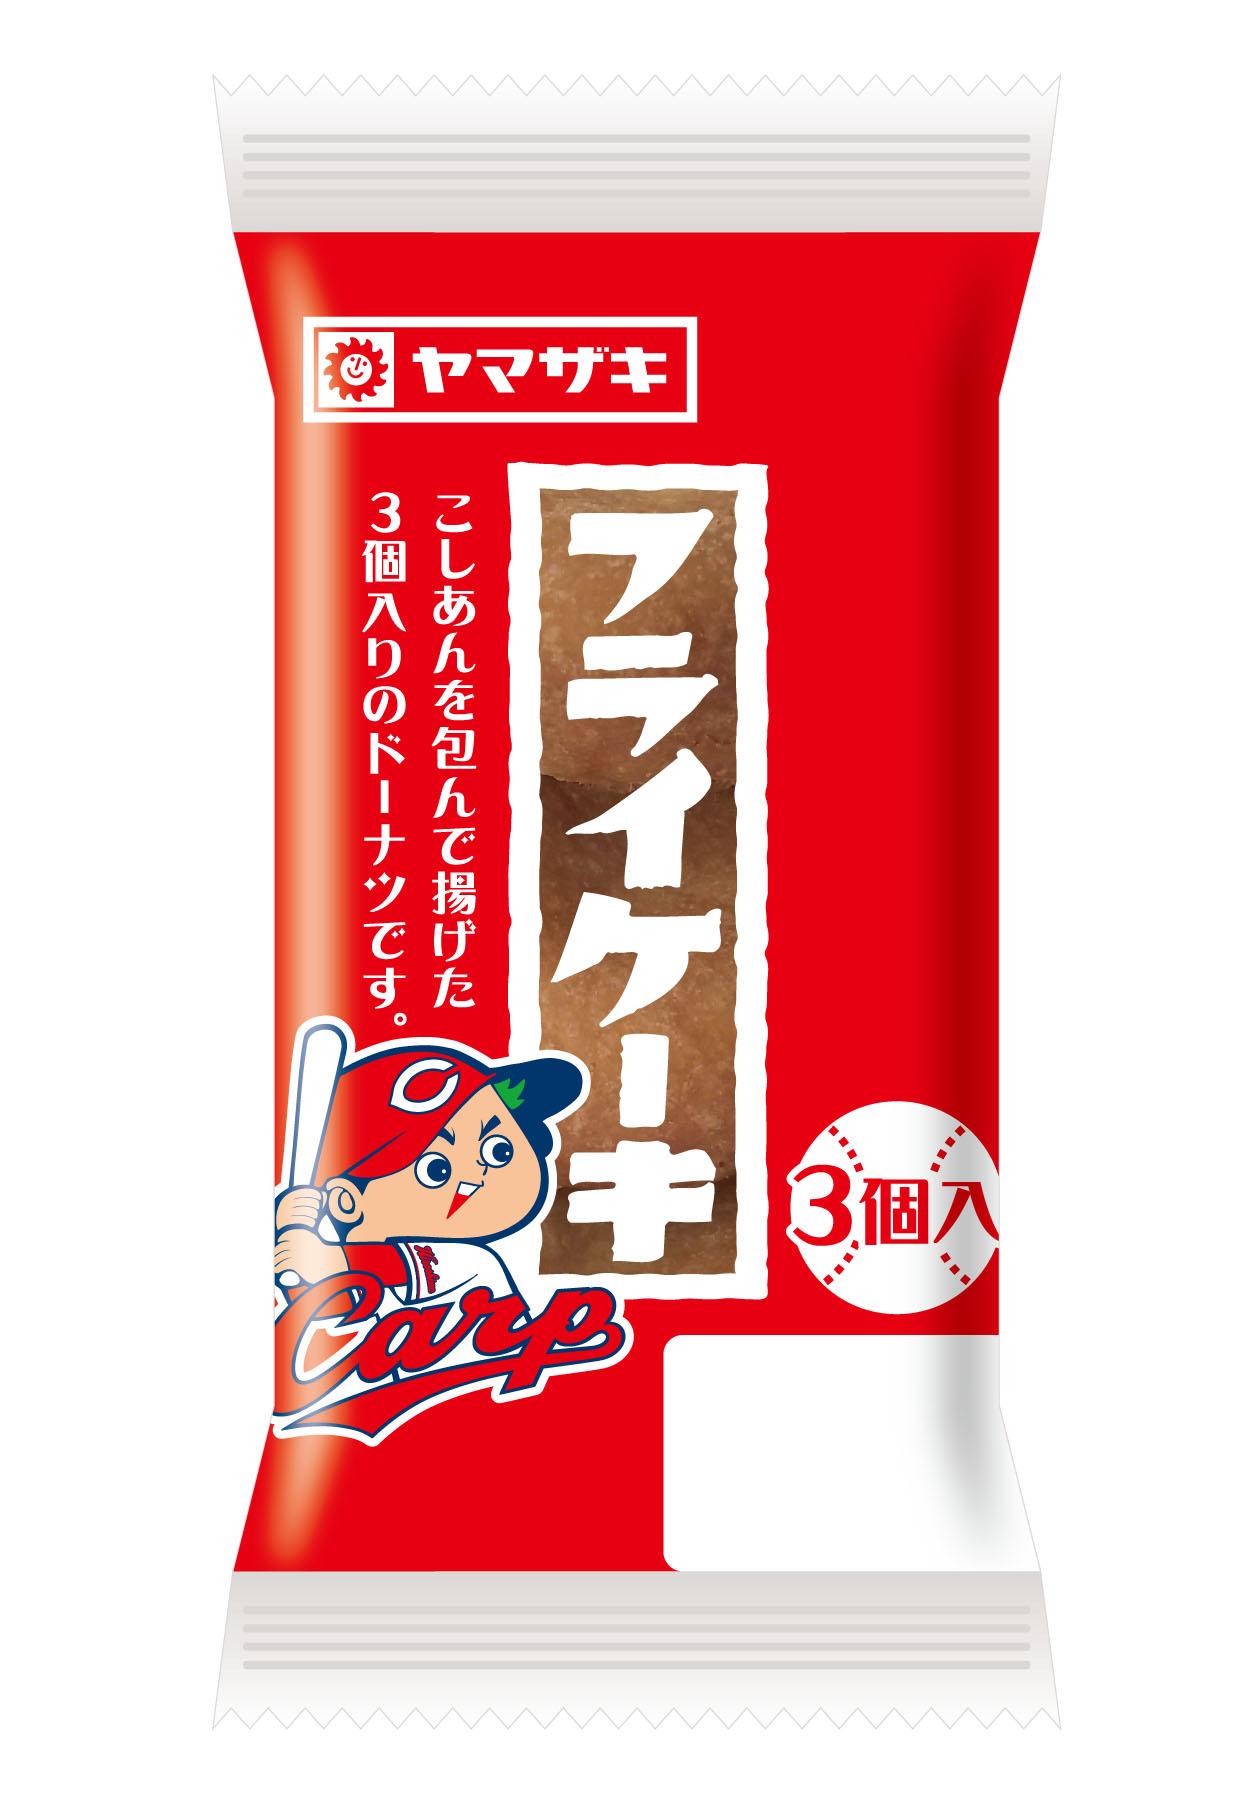 フライケーキ(3)